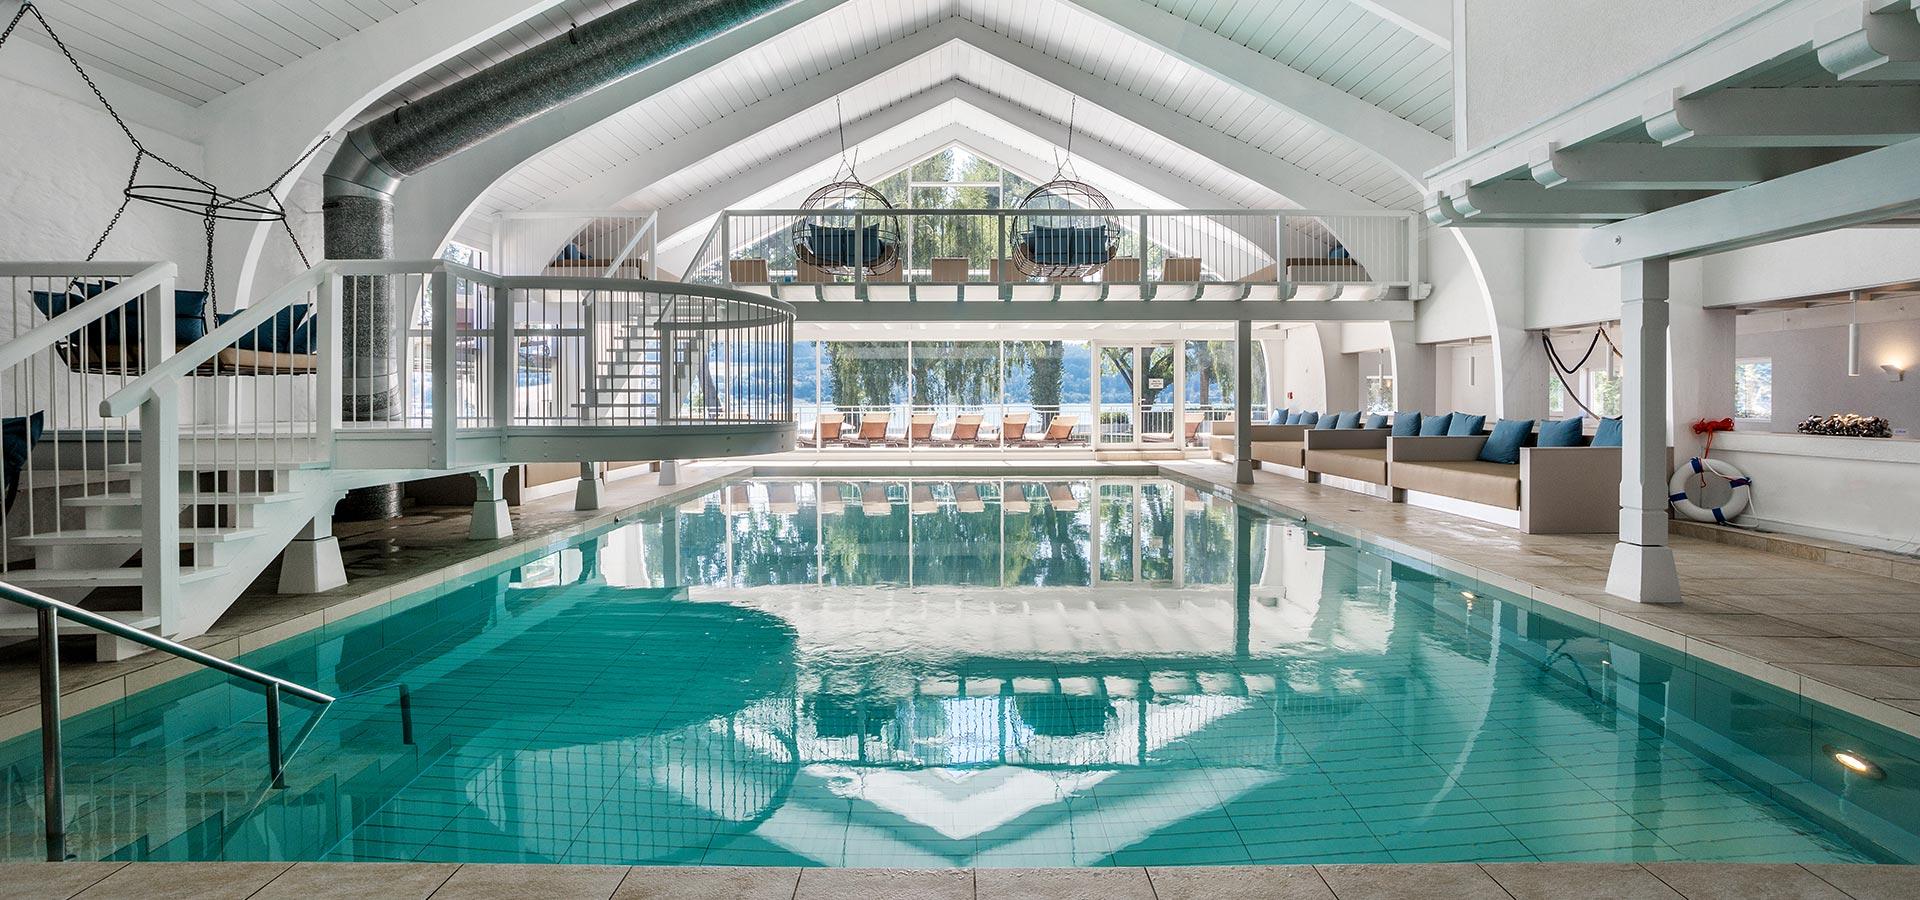 Spa und Wellnessbereich |Hotel HOERI am Bodensee